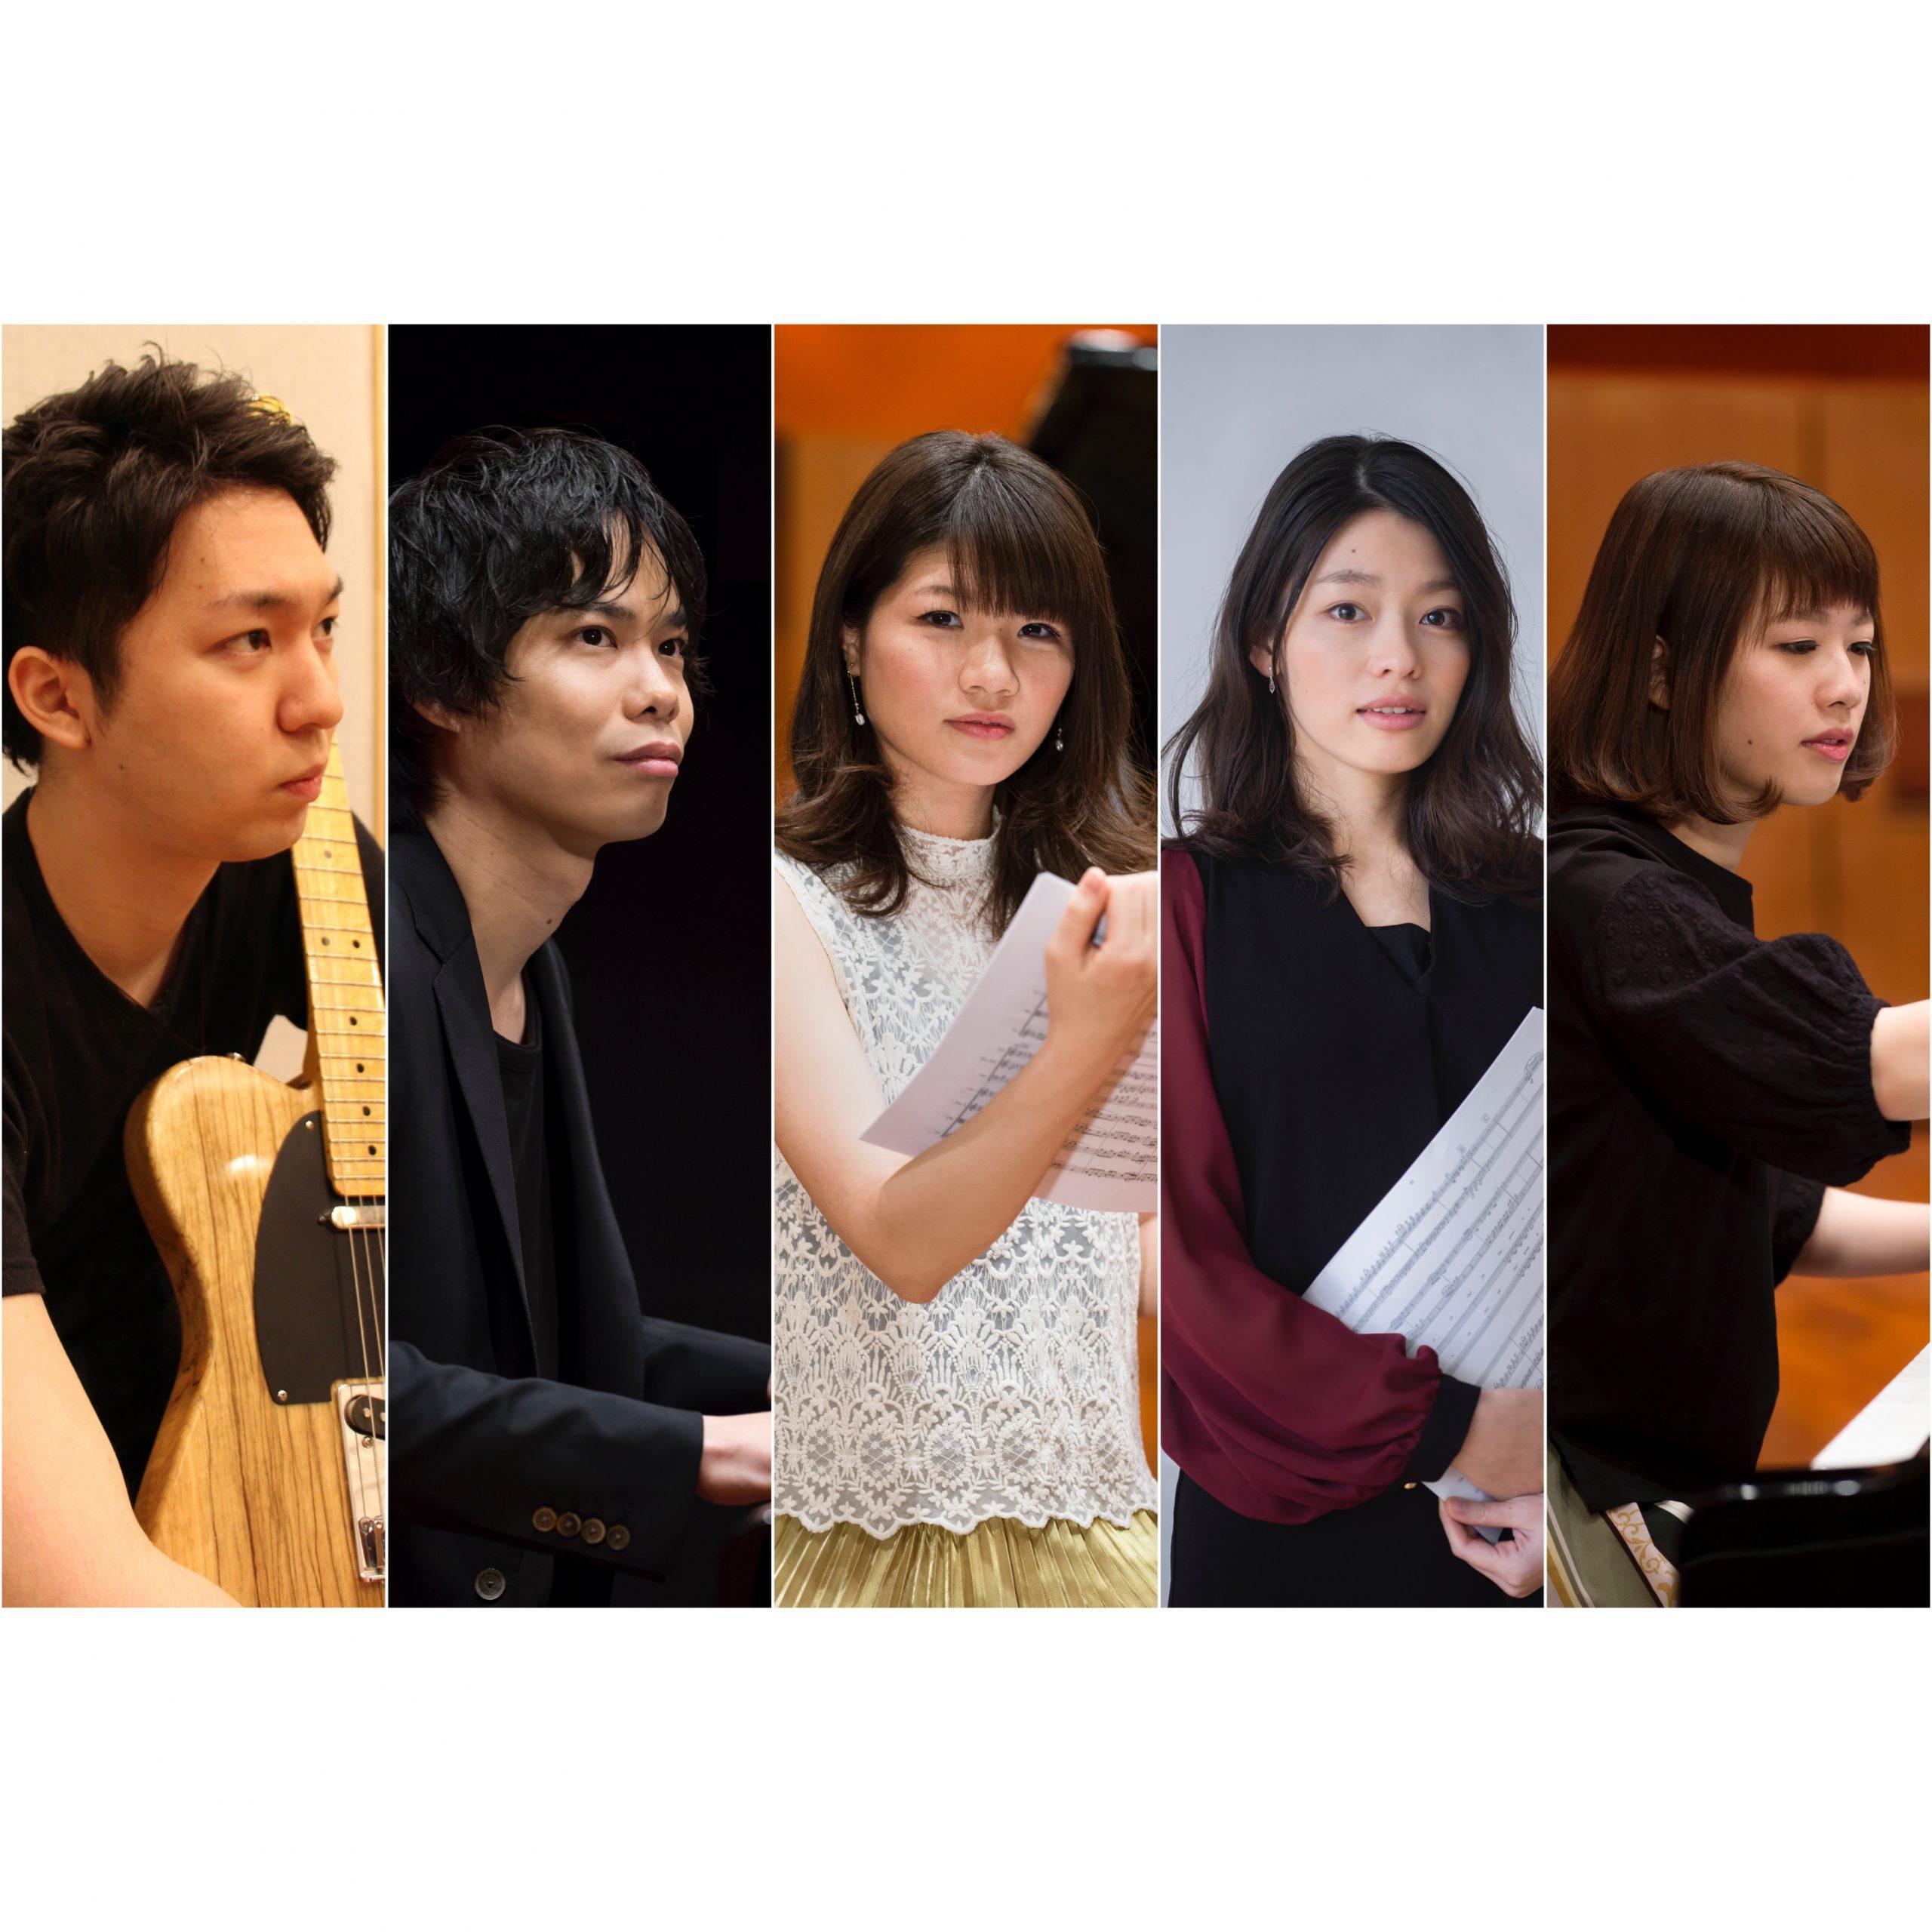 「日音作家育成プロジェクト」2021年度 作曲家・クリエーター 募集を開始!